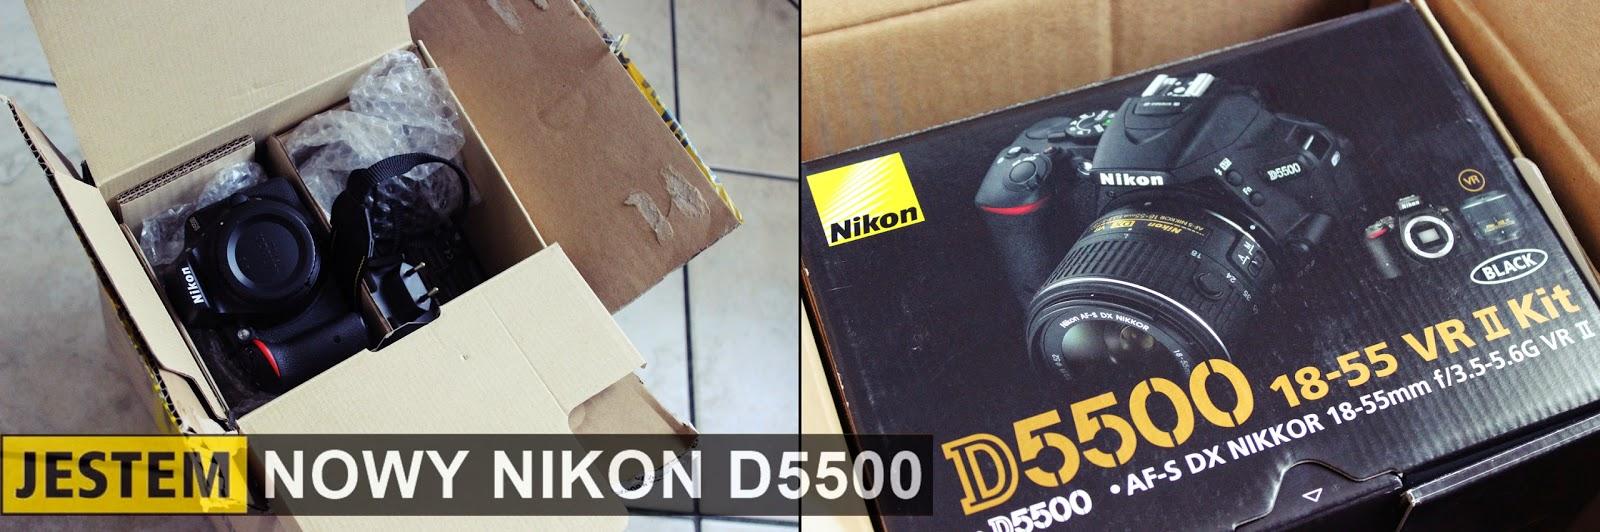 Jestem nowy Nikon D5500